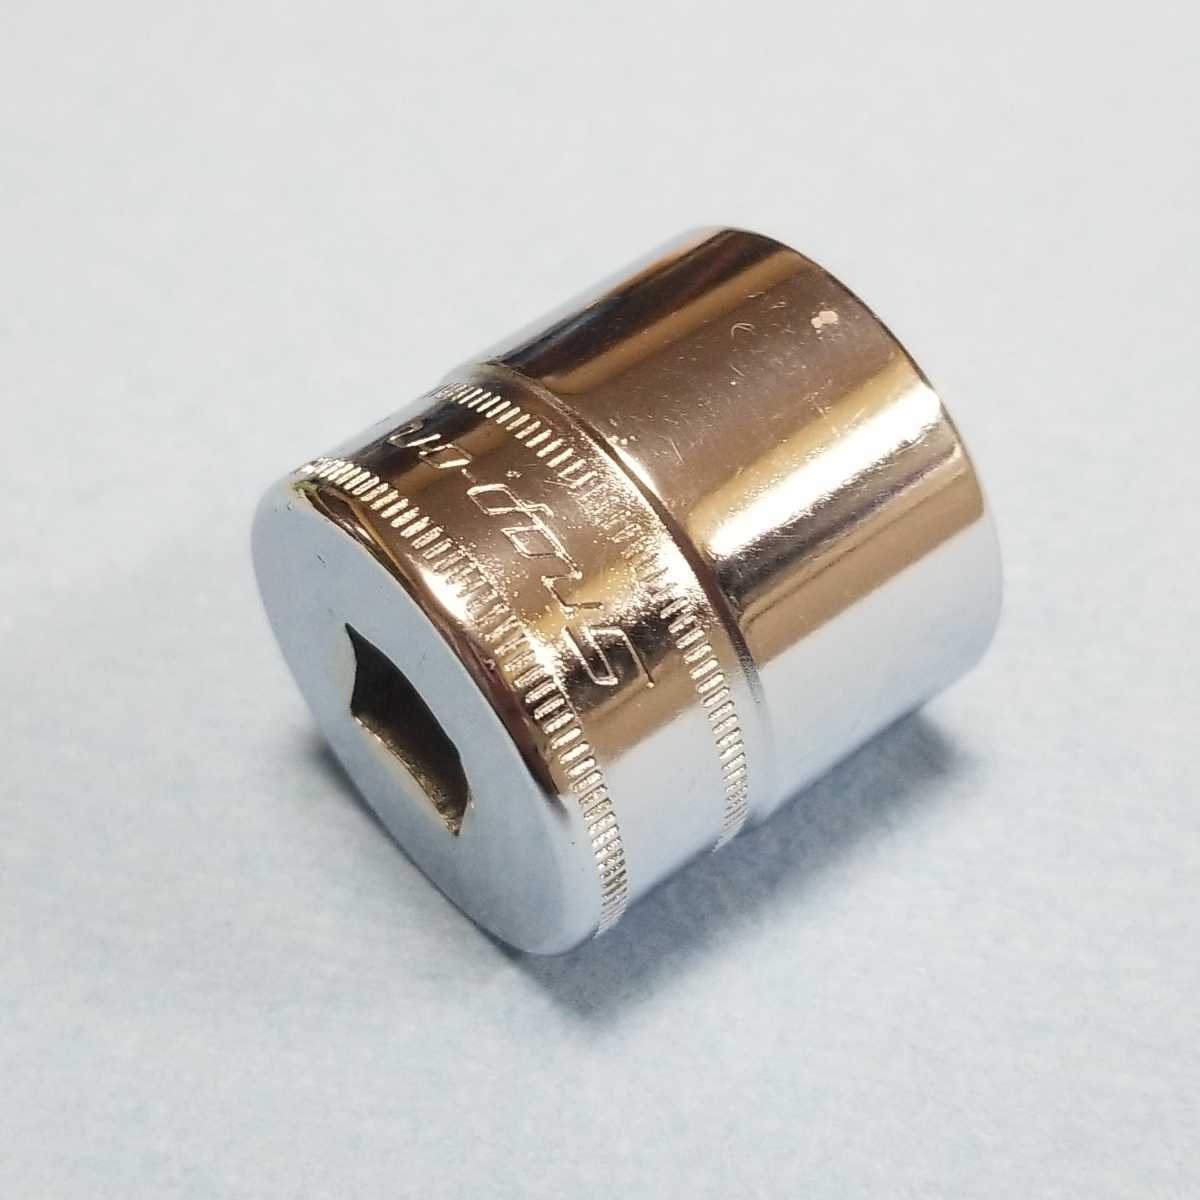 未使用 23mm 3/8 シャロー スナップオン FM23 (12角) 新品 保管品 SNAPON SNAP-ON シャローソケット ソケット 送料無料 Snap-on _画像5